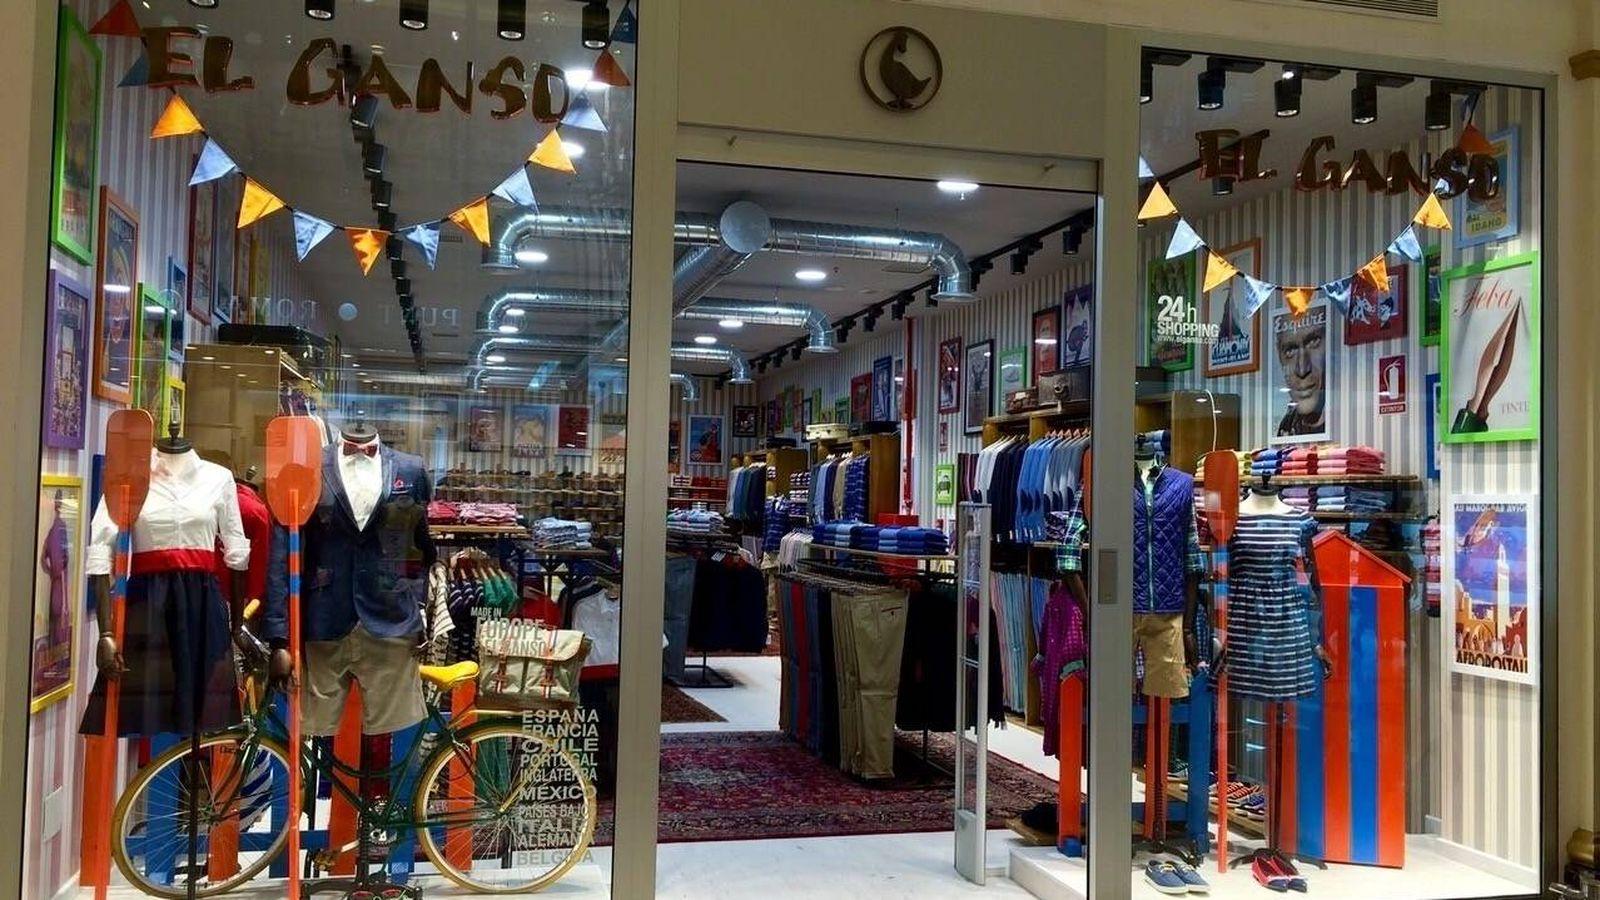 Foto: Imagen de una de las tiendas de El Ganso. (EFE)